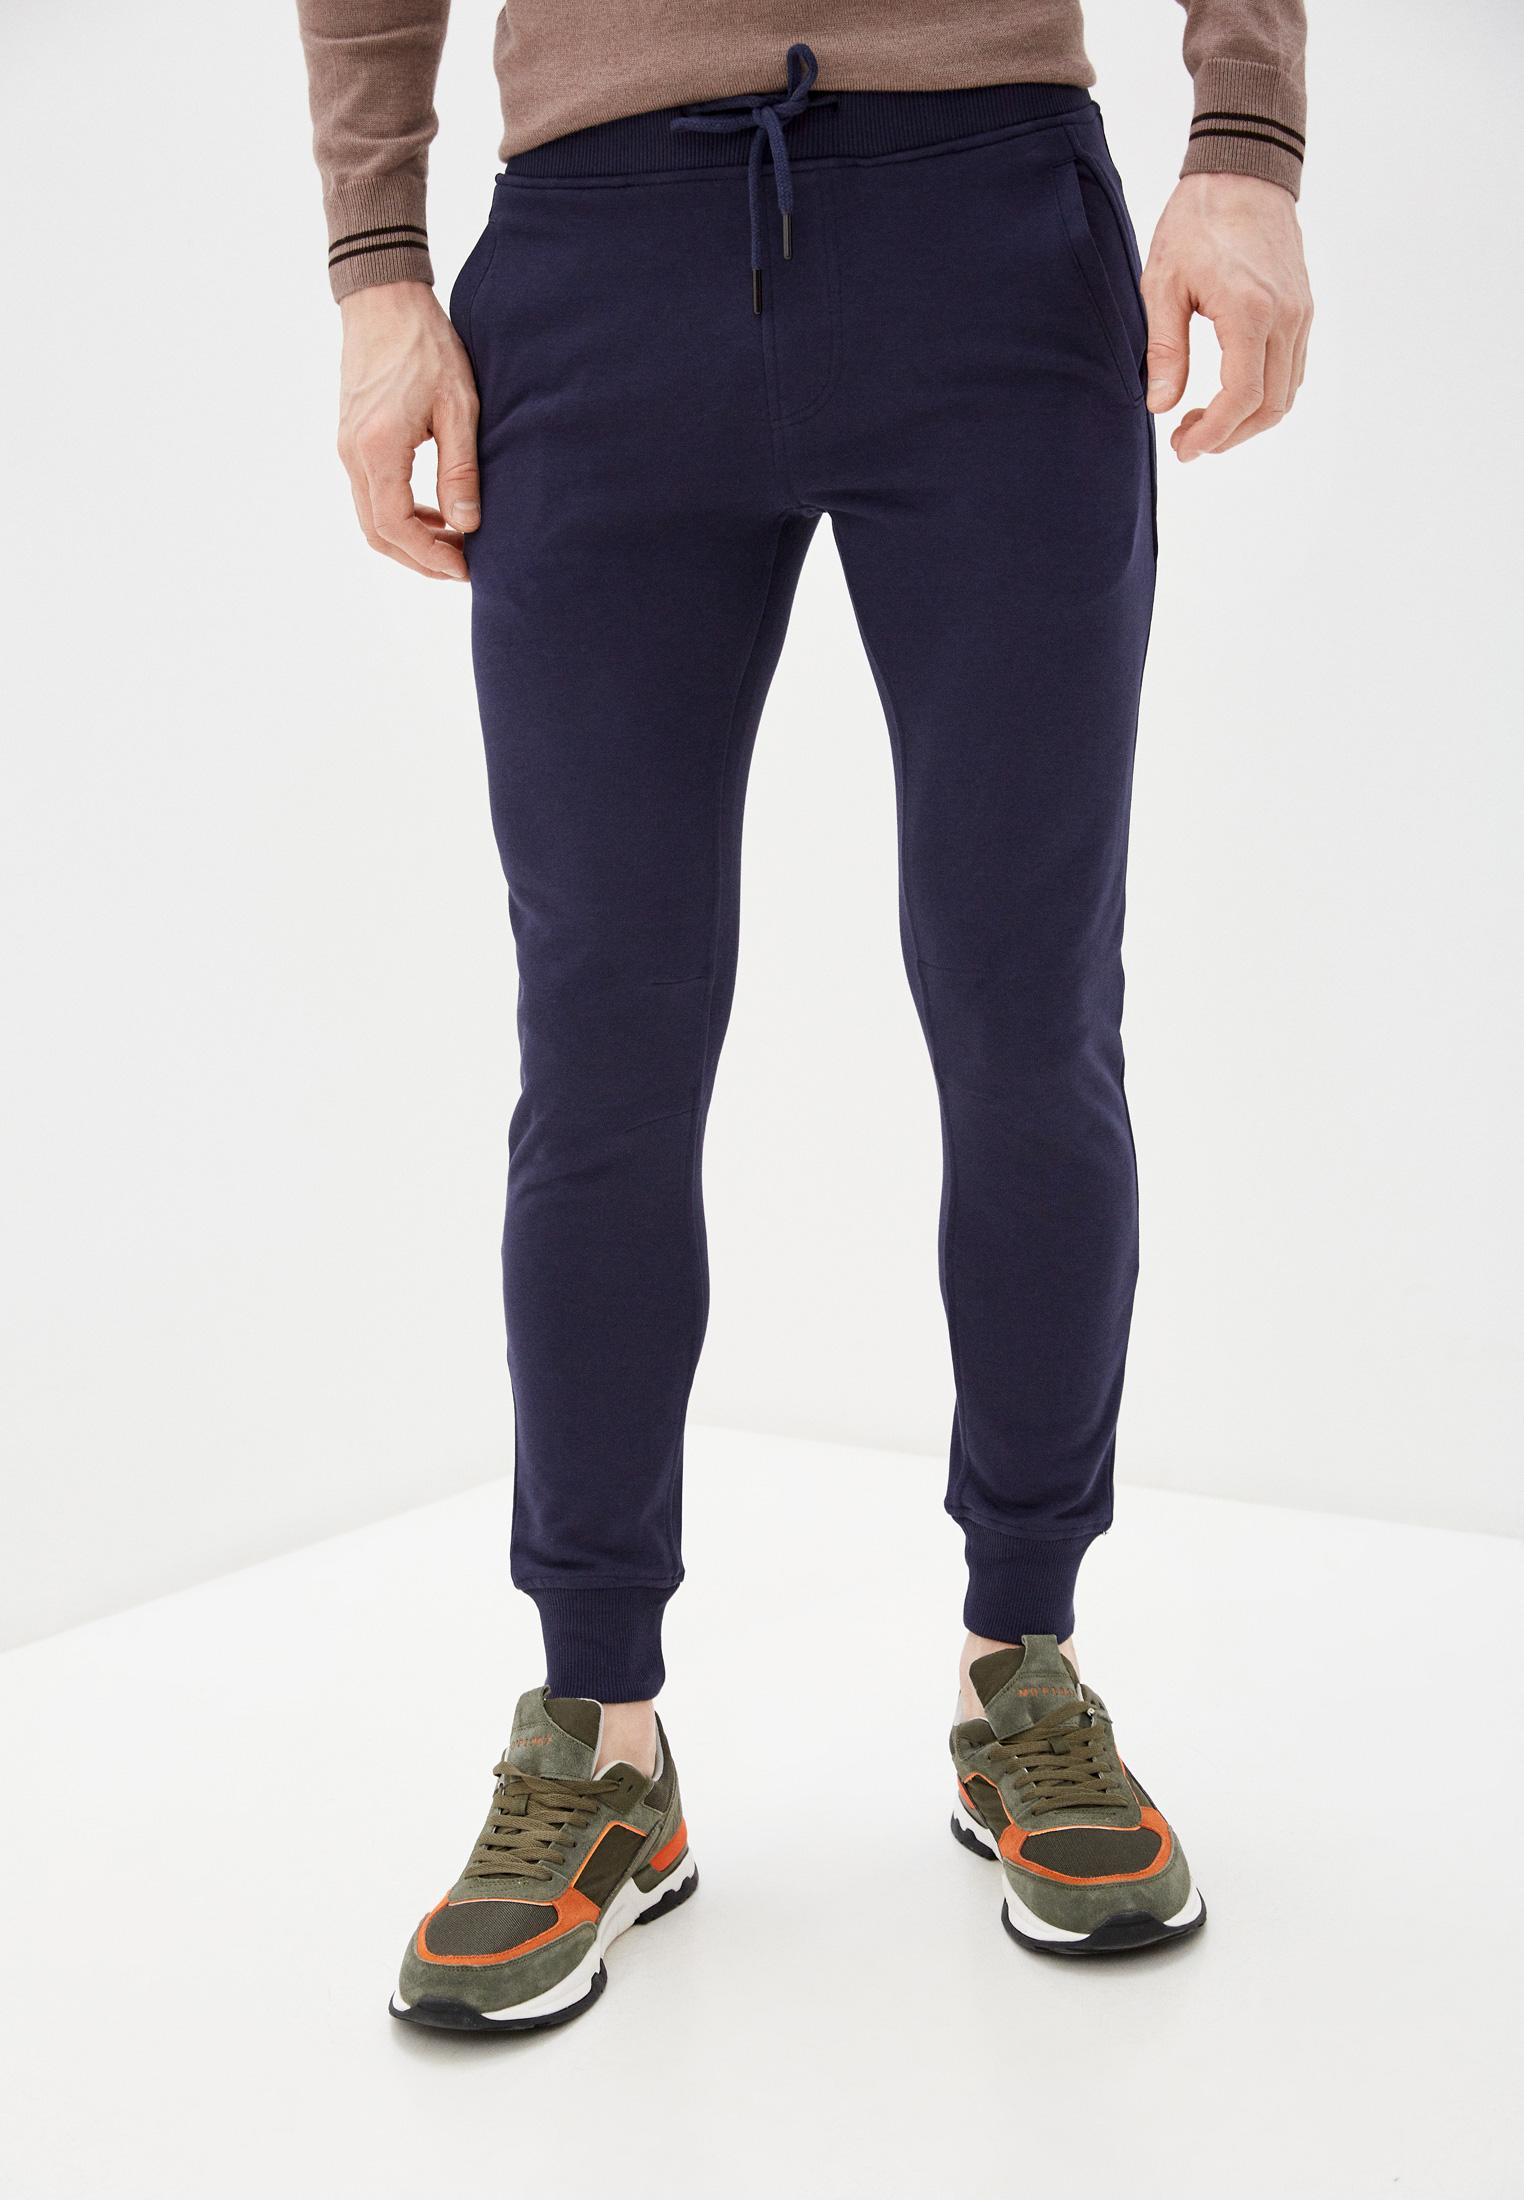 Мужские спортивные брюки Auden Cavill AC20W  TRSM4444 NAVY